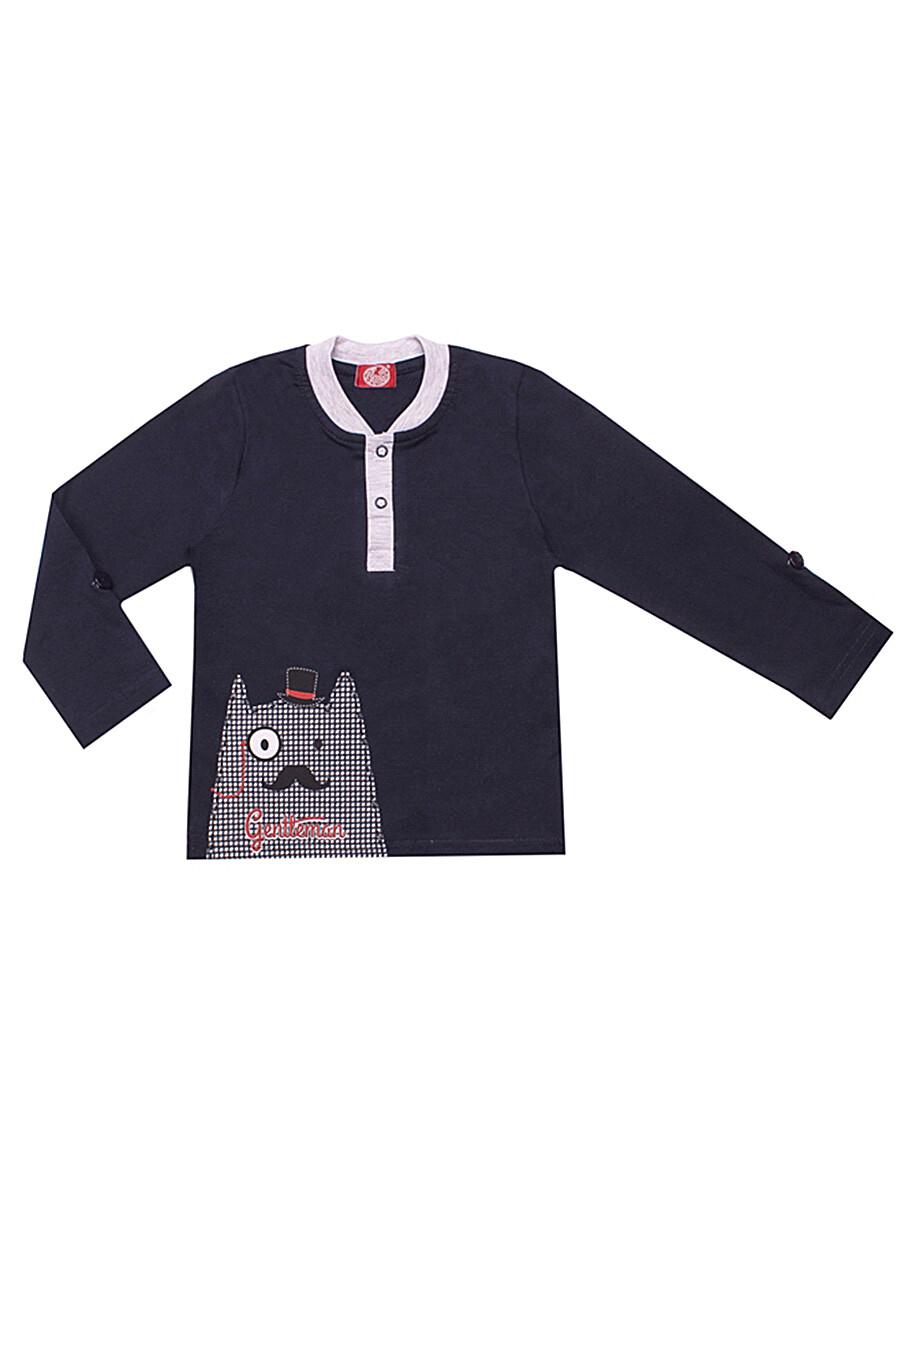 Джемпер для мальчиков АПРЕЛЬ 700215 купить оптом от производителя. Совместная покупка детской одежды в OptMoyo